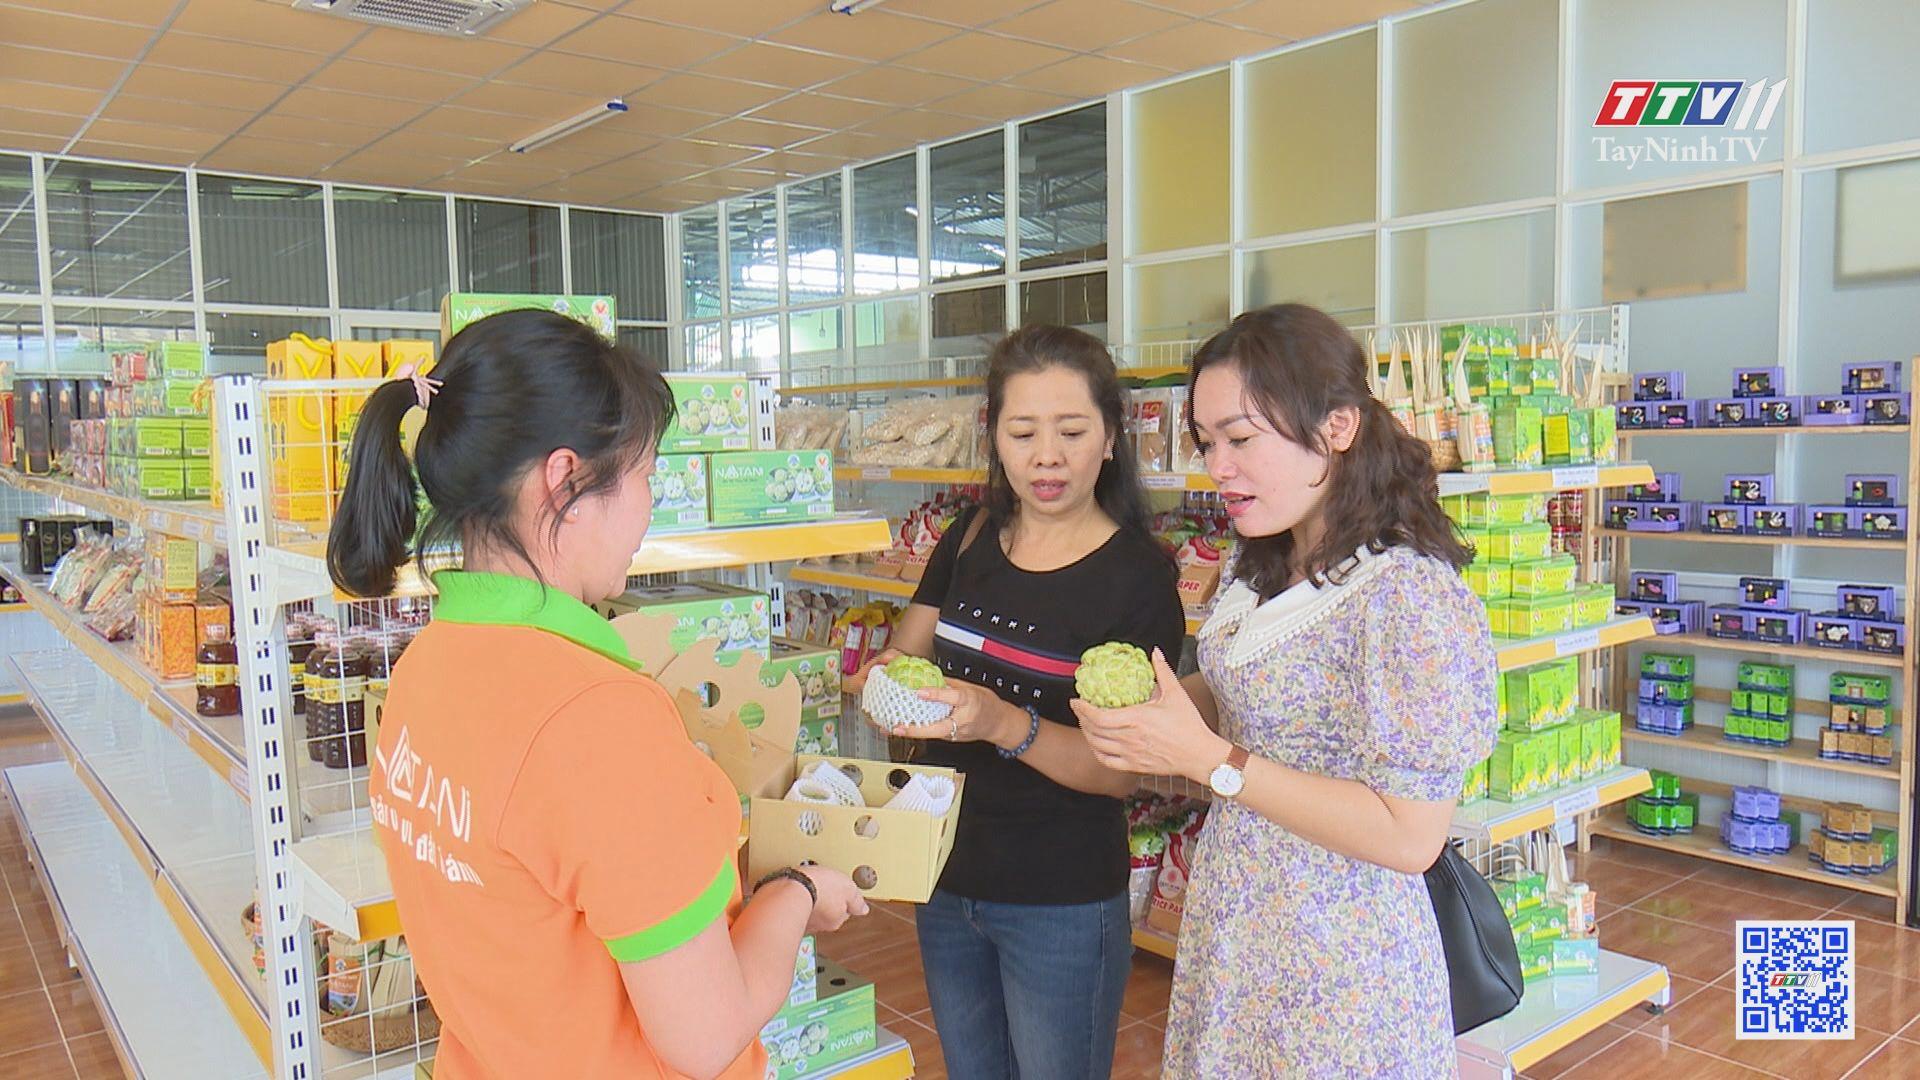 Người xây dựng thương hiệu cho trái mãng cầu Bà Đen | DẤU ẤN CUỘC ĐỜI | TayNinhTV